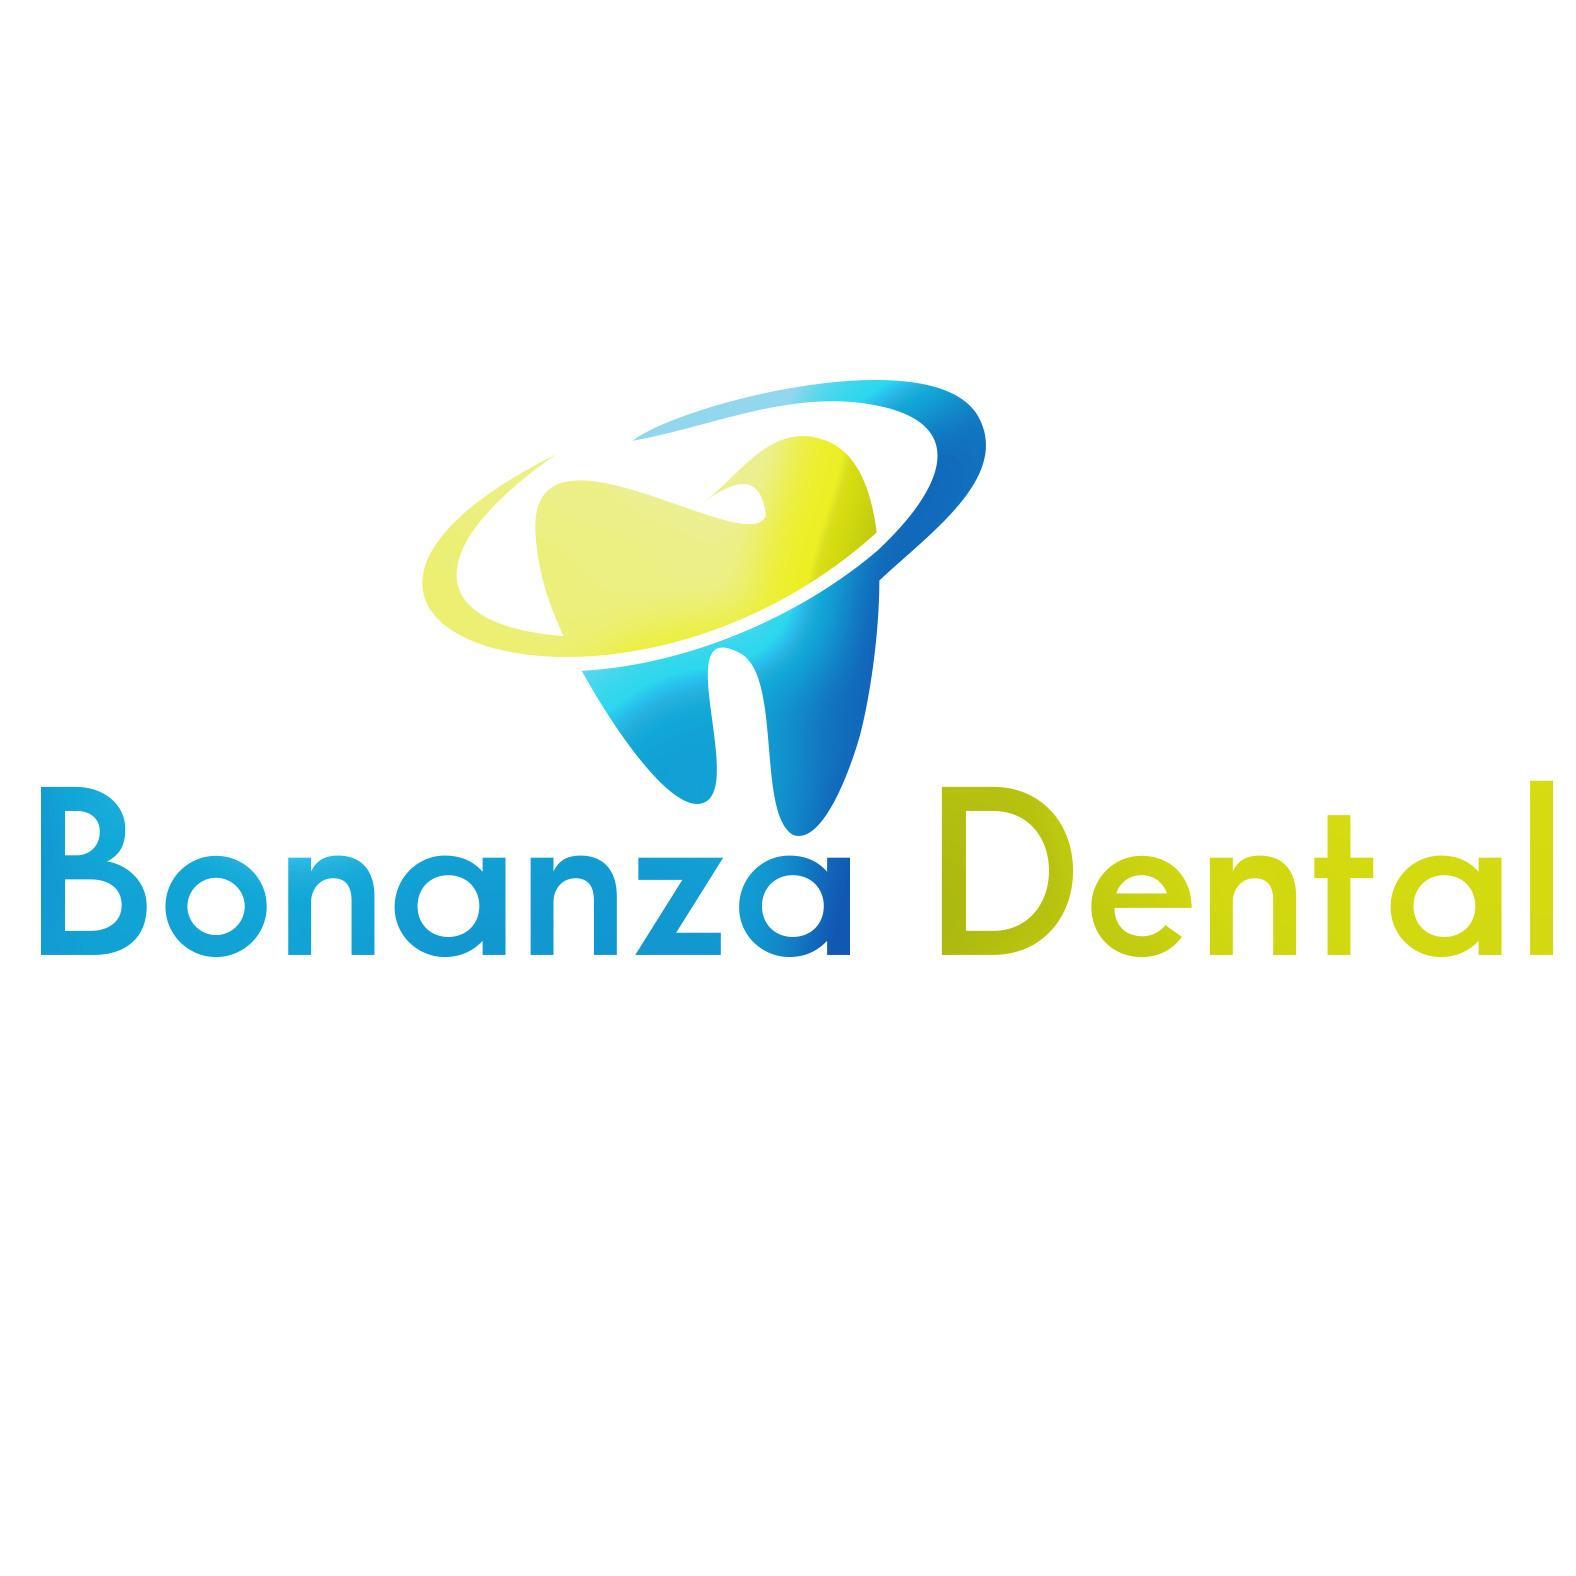 Bonanza Dental